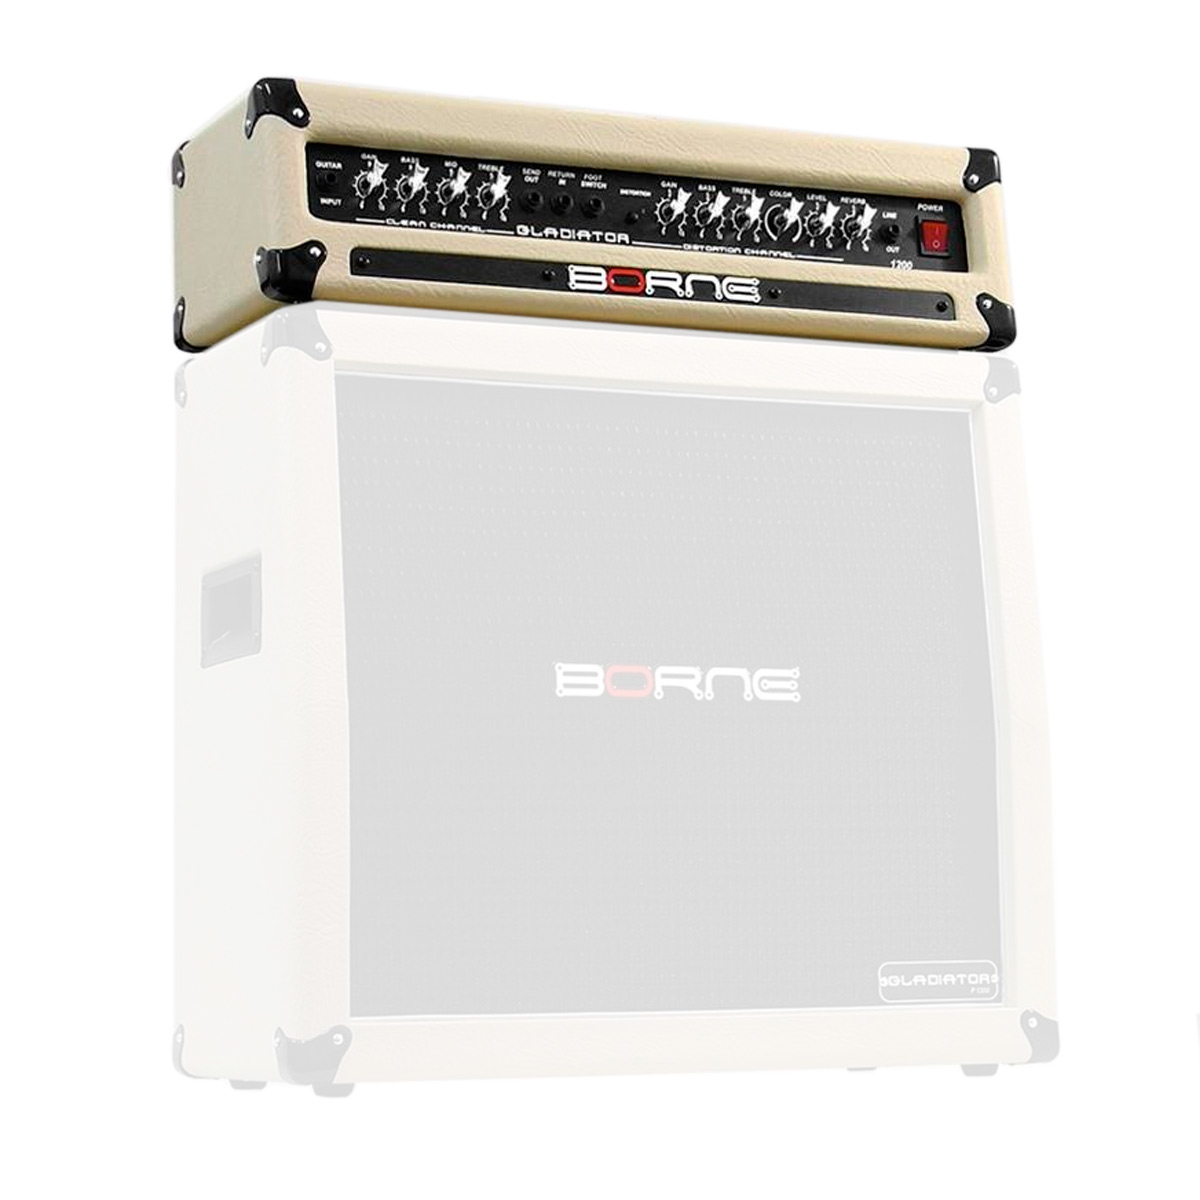 Gladiator1200 - Cabeçote p/ Guitarra 100W Gladiator 1200 Creme - Borne